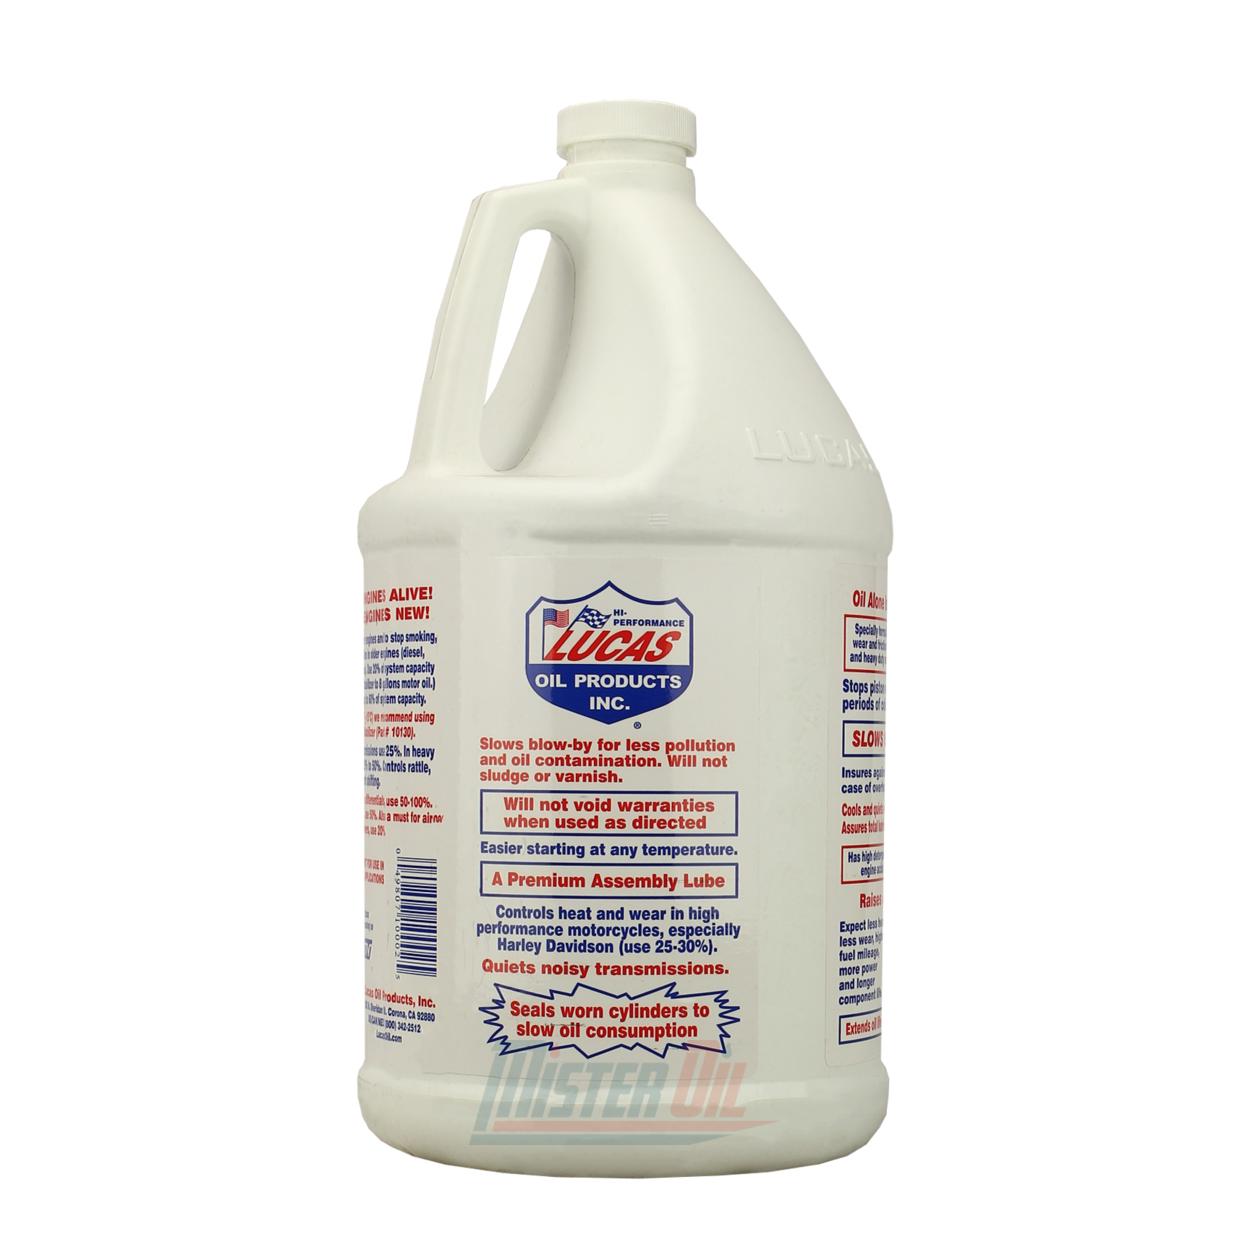 Lucas Oil Heavy Duty Oil Stabilizer (10002) | MisterOil - Nr